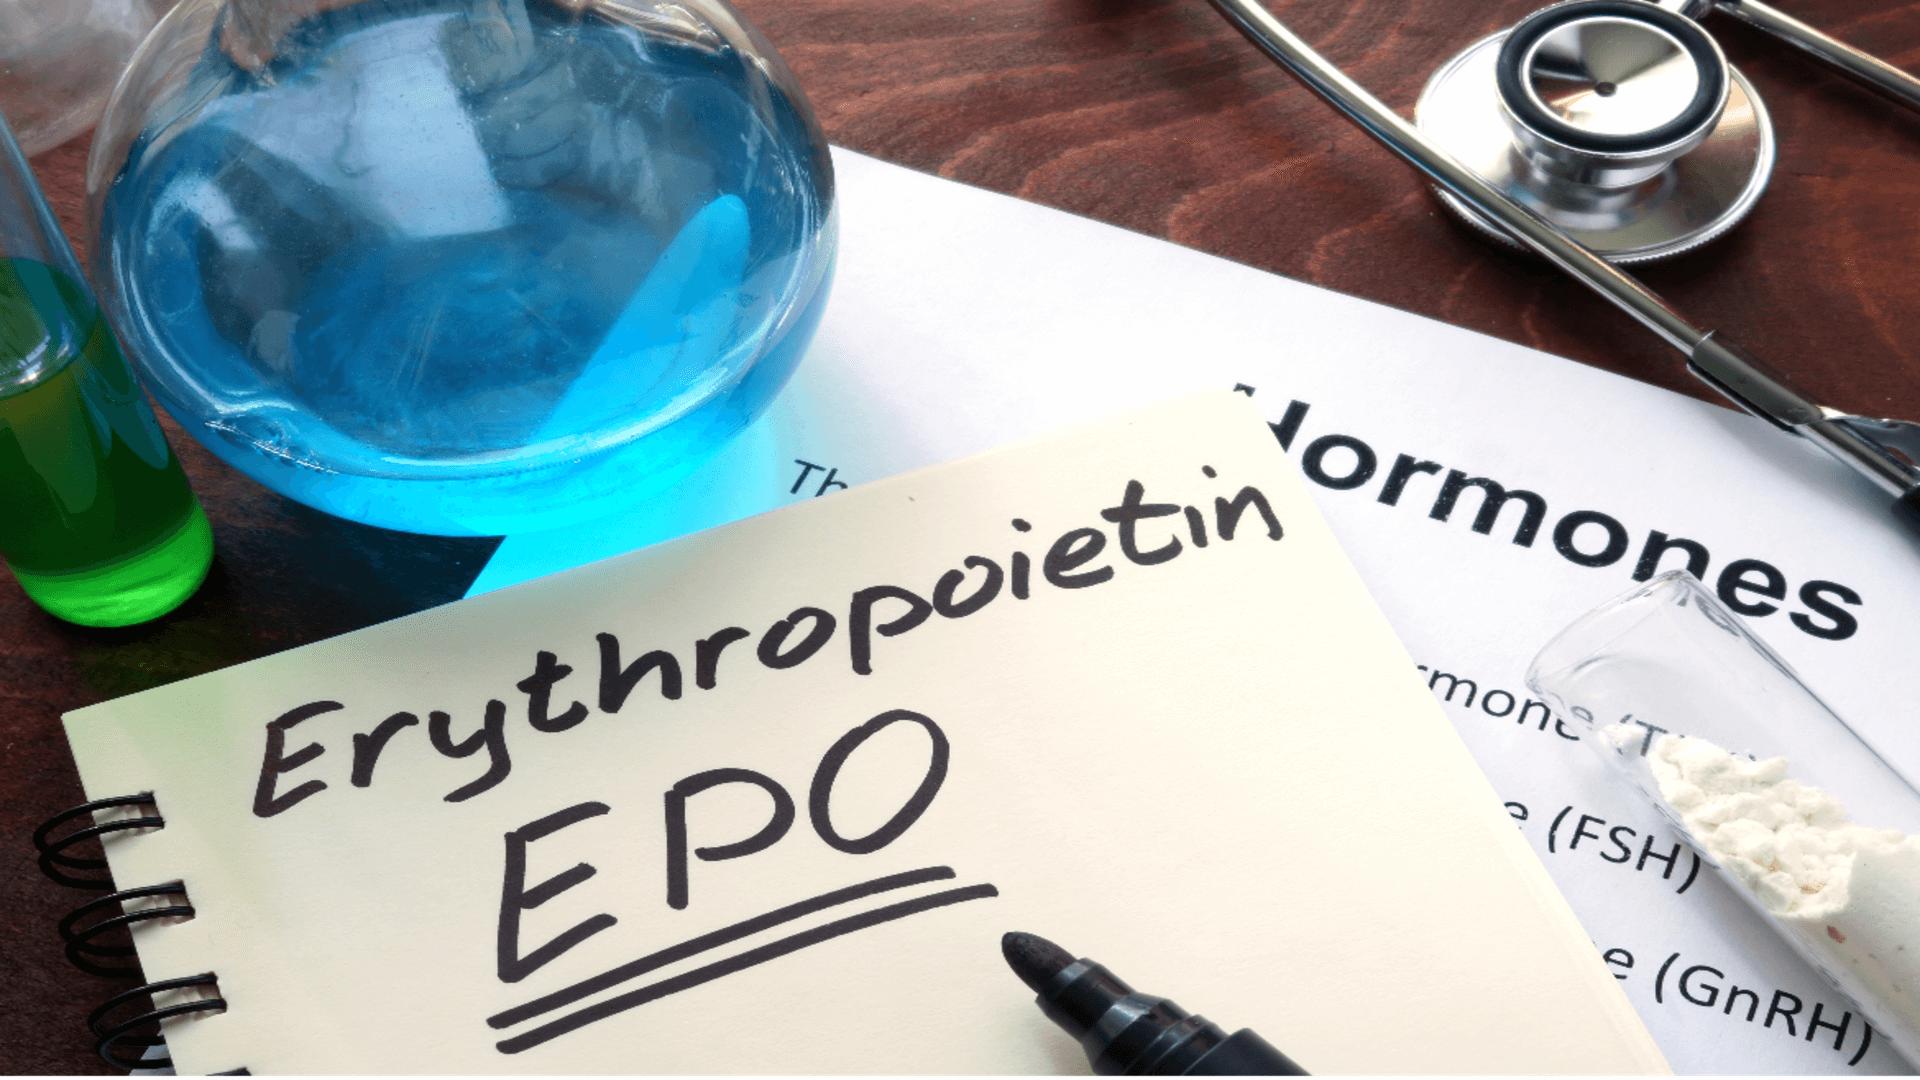 Kann Erythropoietin wirklich bei der Behandlung von Krebs helfen?